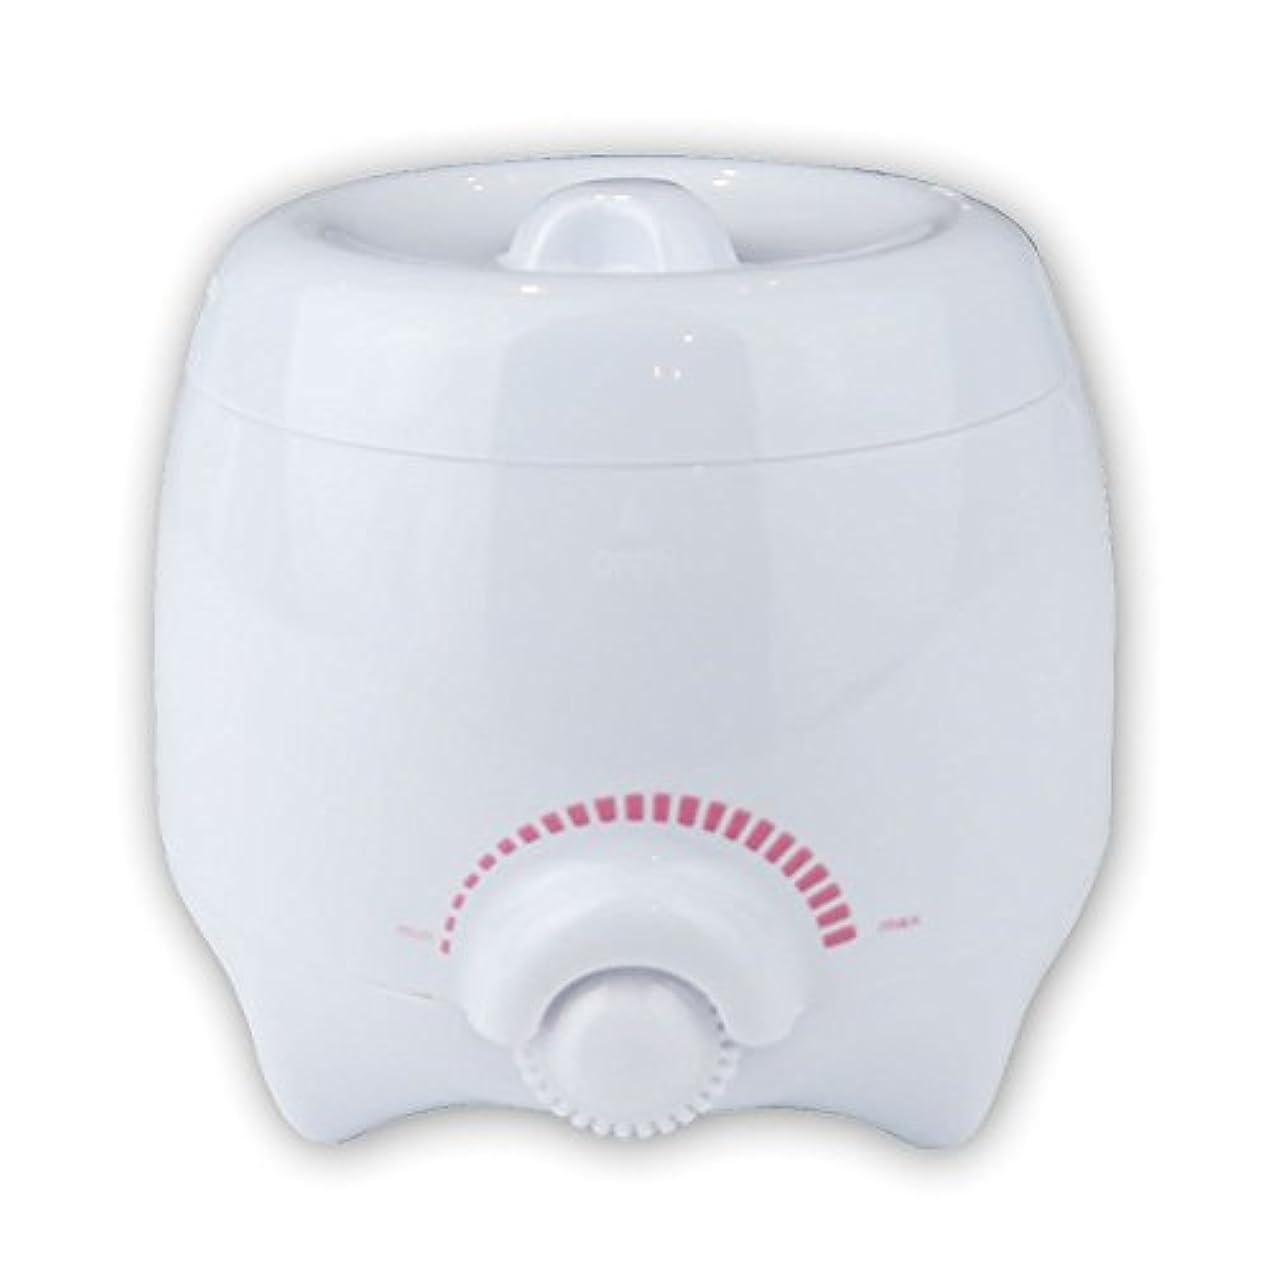 王室暖炉ビジターブラジリアンワックス ハードワックス専用ヒーター 150ml 粒ワックス ウォーマー ワックスウォーマー 脱毛ワックス